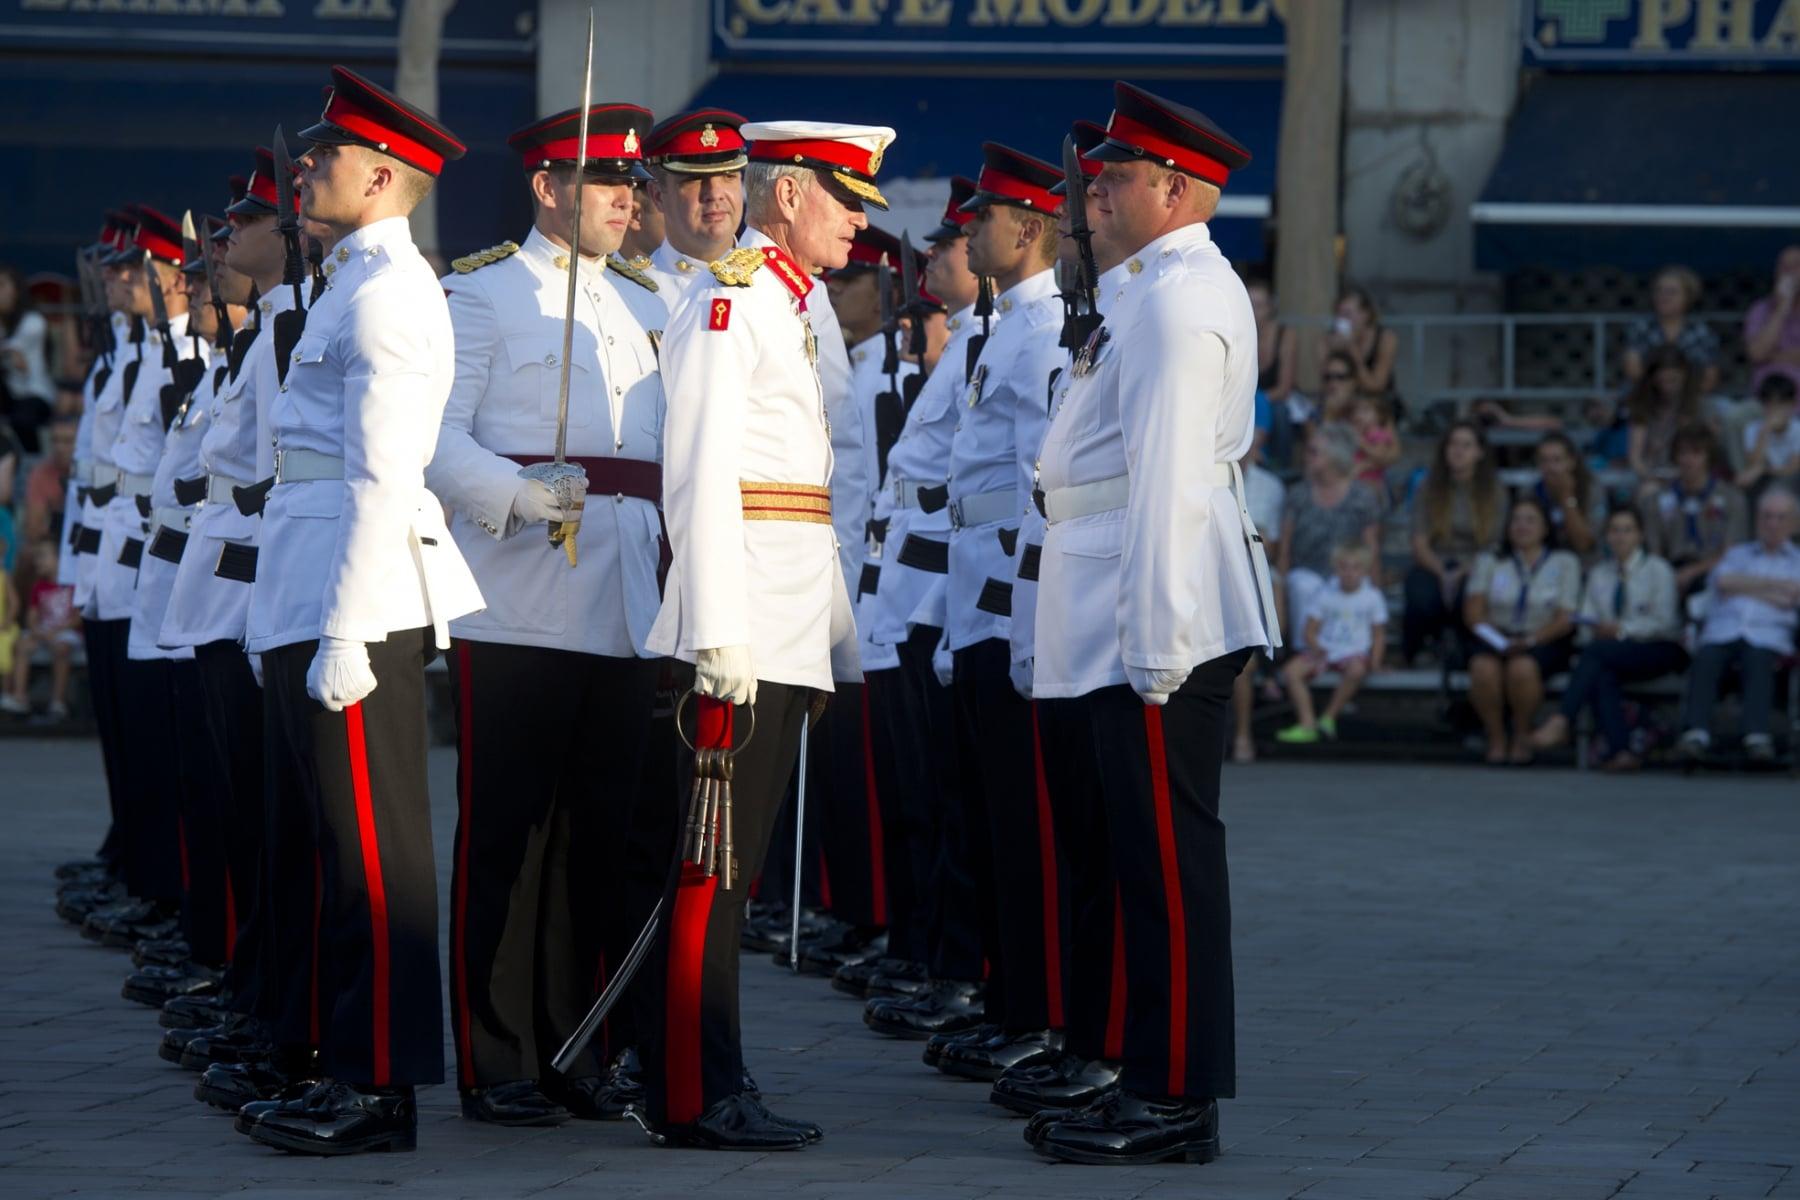 ceremonia-de-las-llaves-gibraltar-25092014-10_15354656291_o